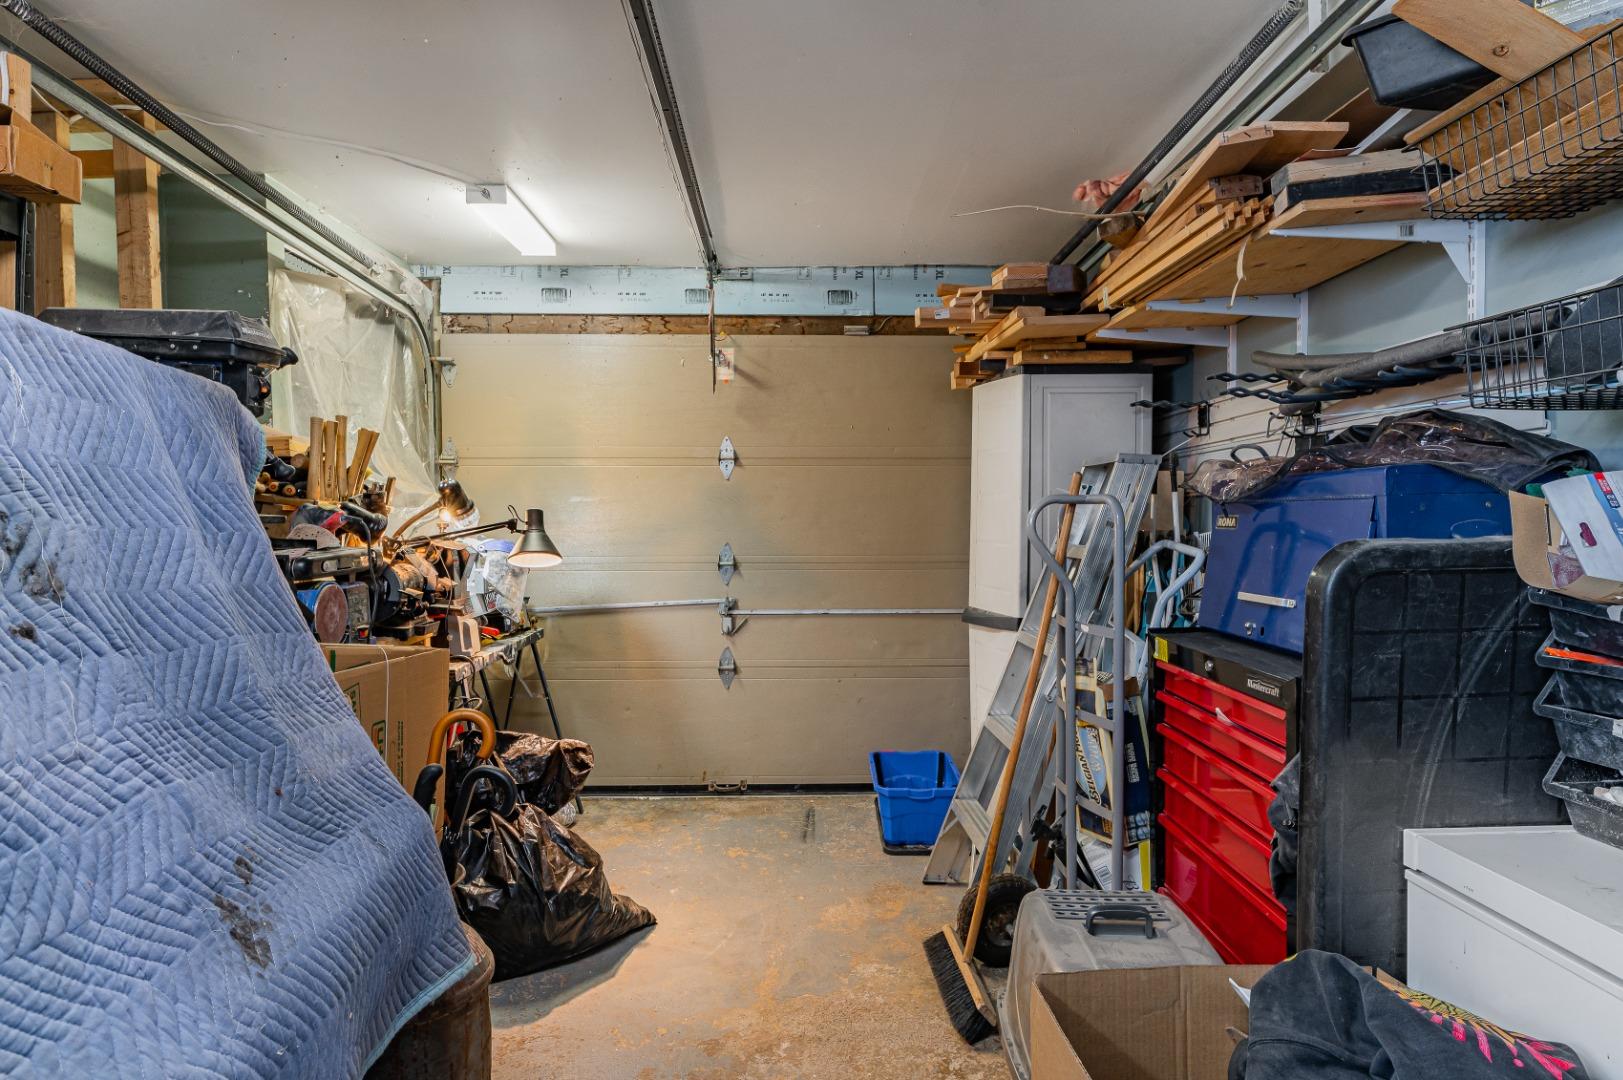 Maison_à_vendre-682_Av_Mondor-Laval-GL(23)-.jpg